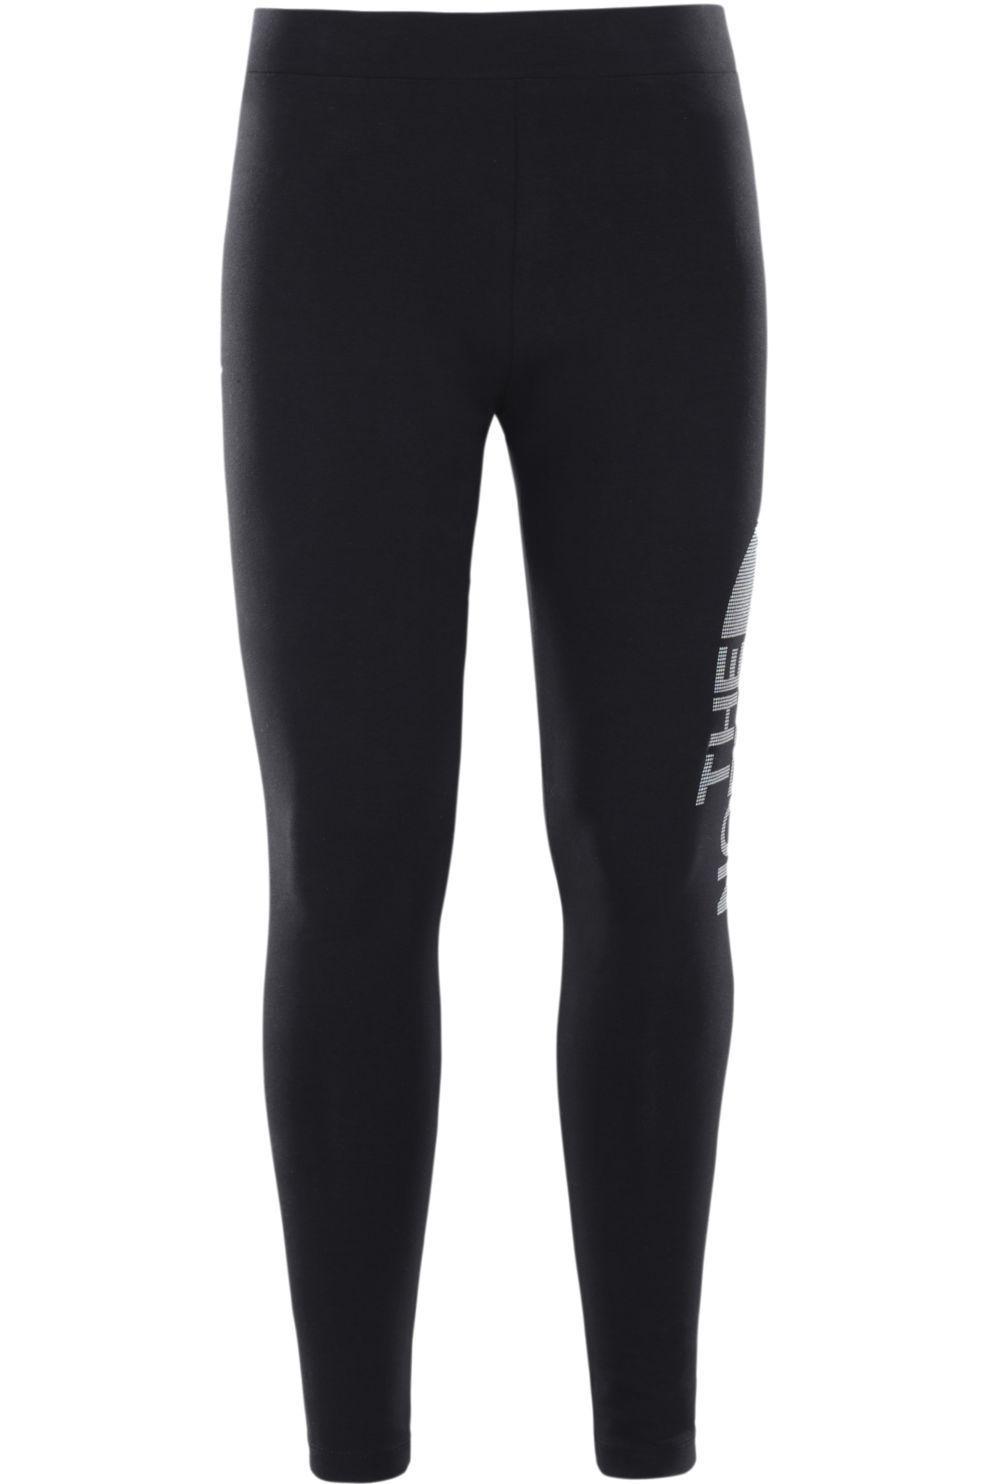 The North Face Broek Cotton Blend Legging voor meisjes - Zwart/Wit - Maat: 164